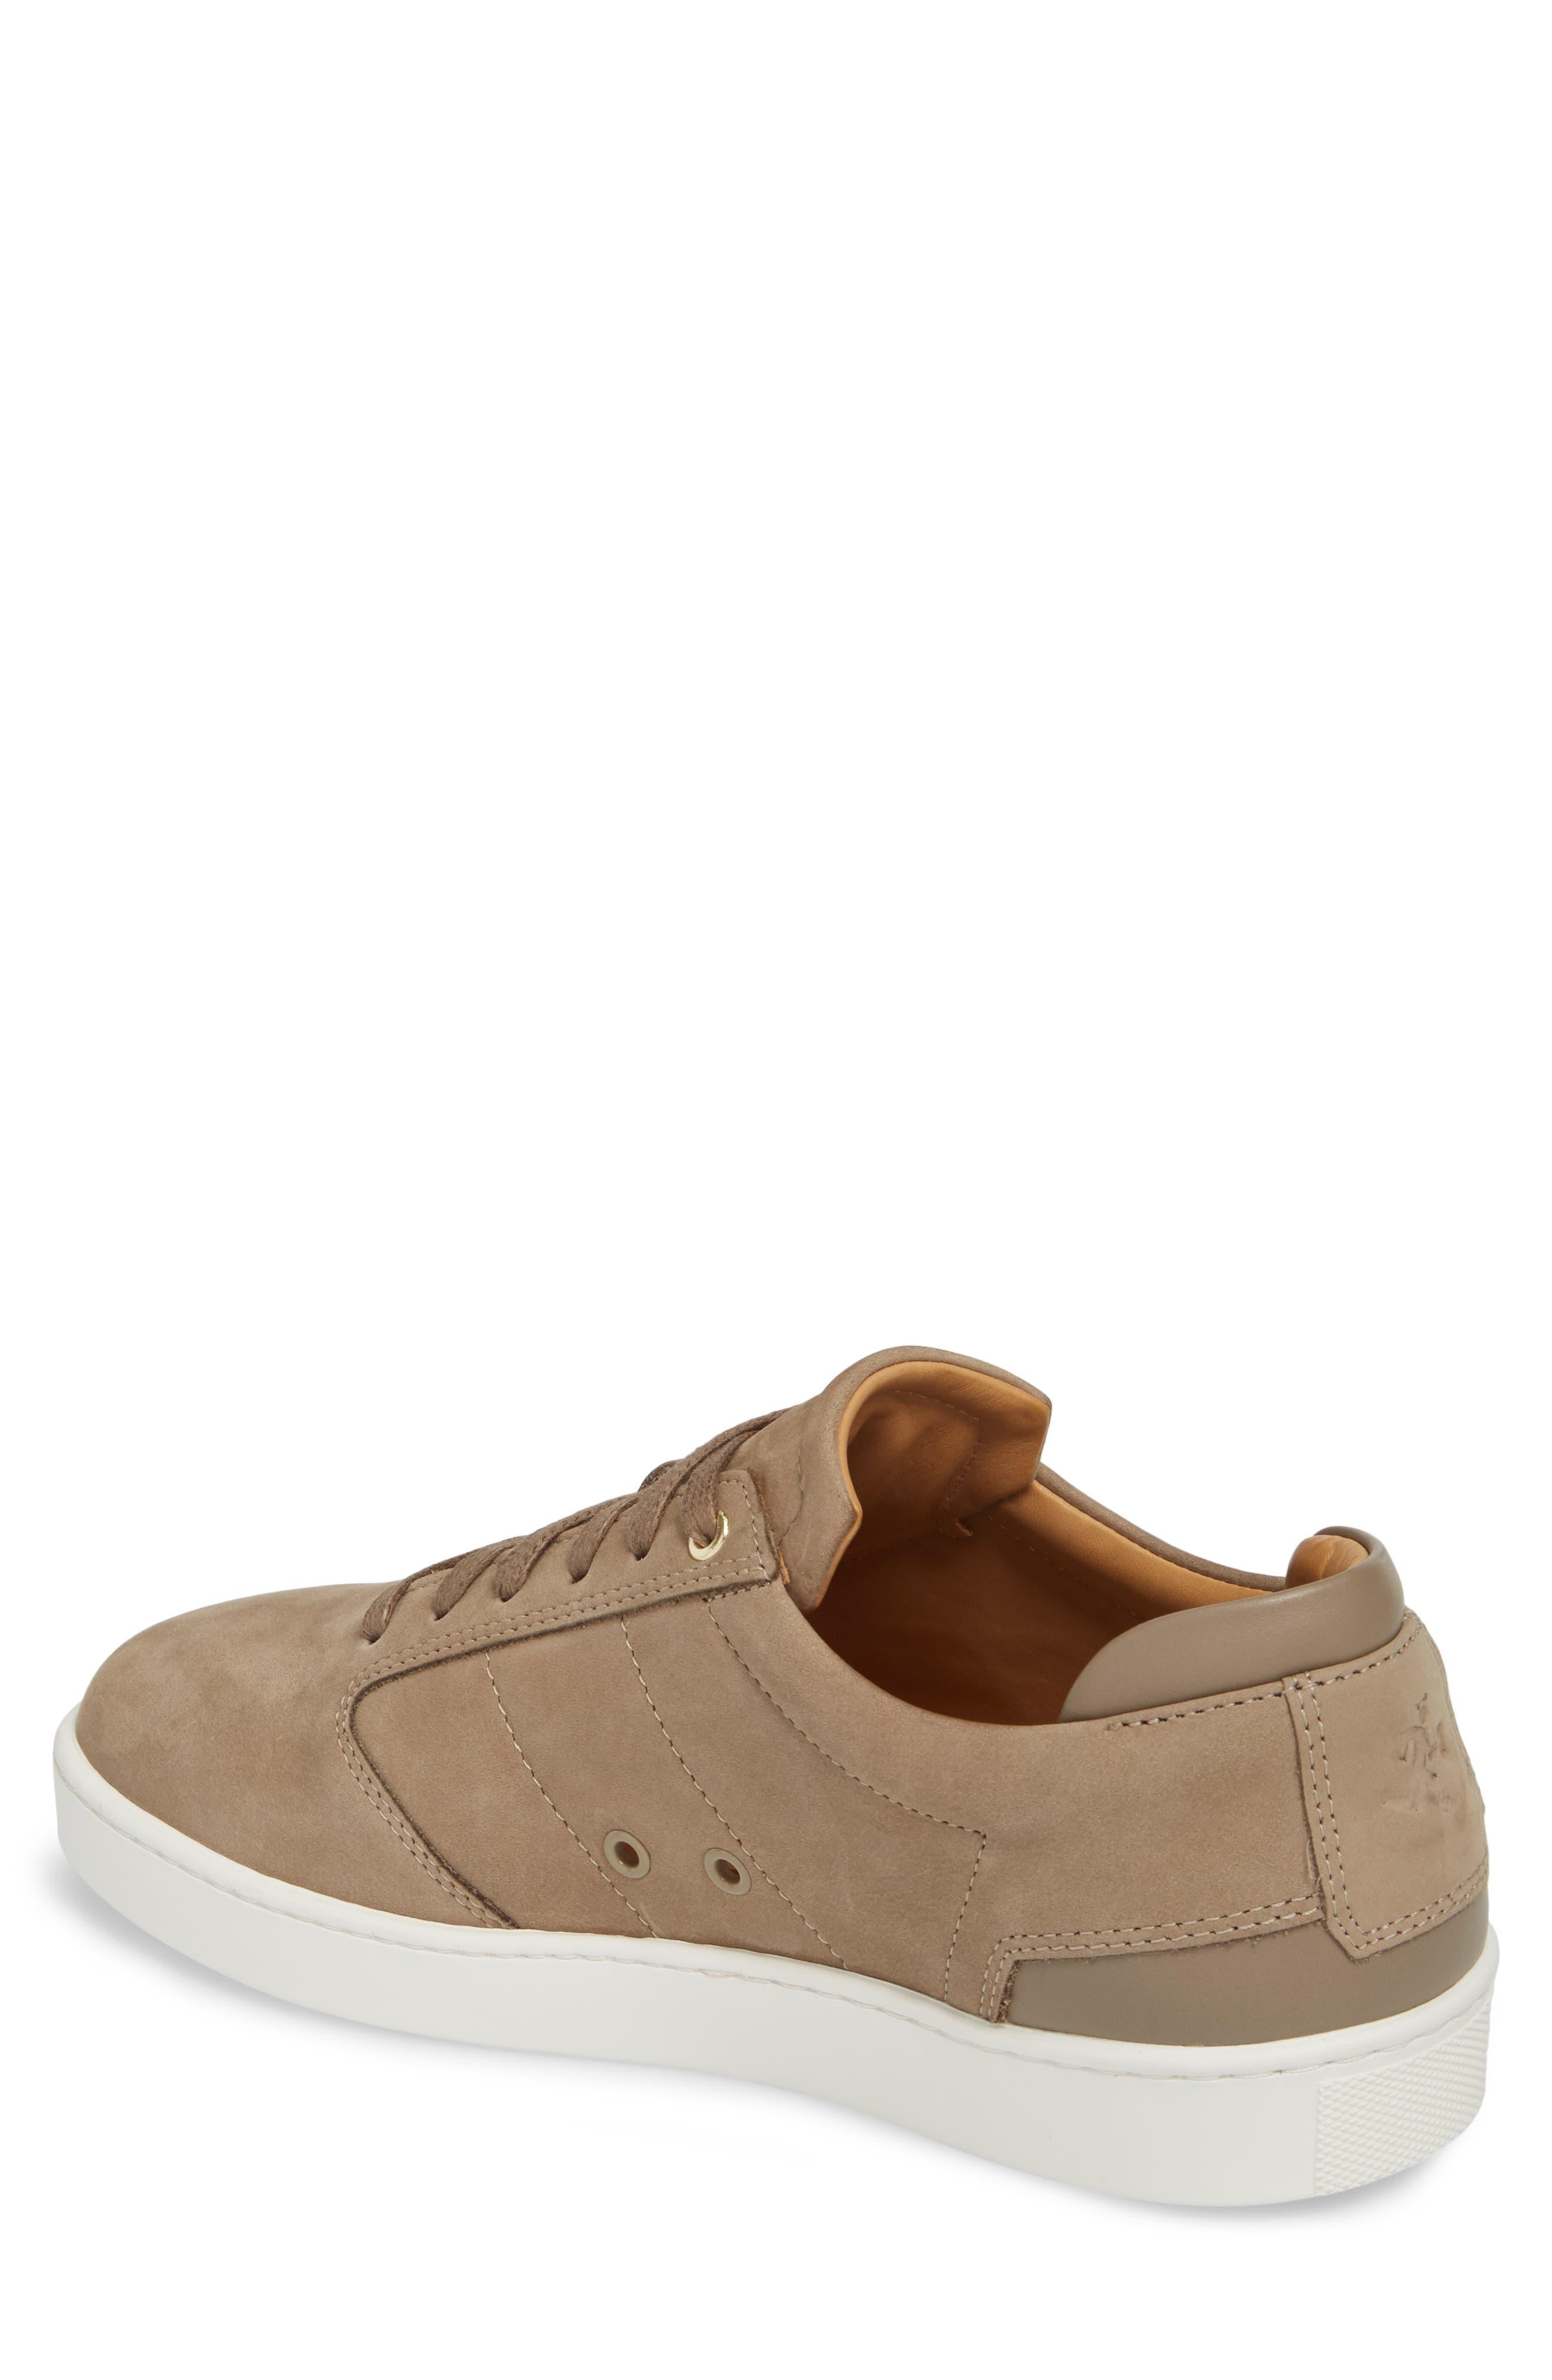 Lennon Sneaker,                             Alternate thumbnail 2, color,                             Woodsmoke/ Mushroom